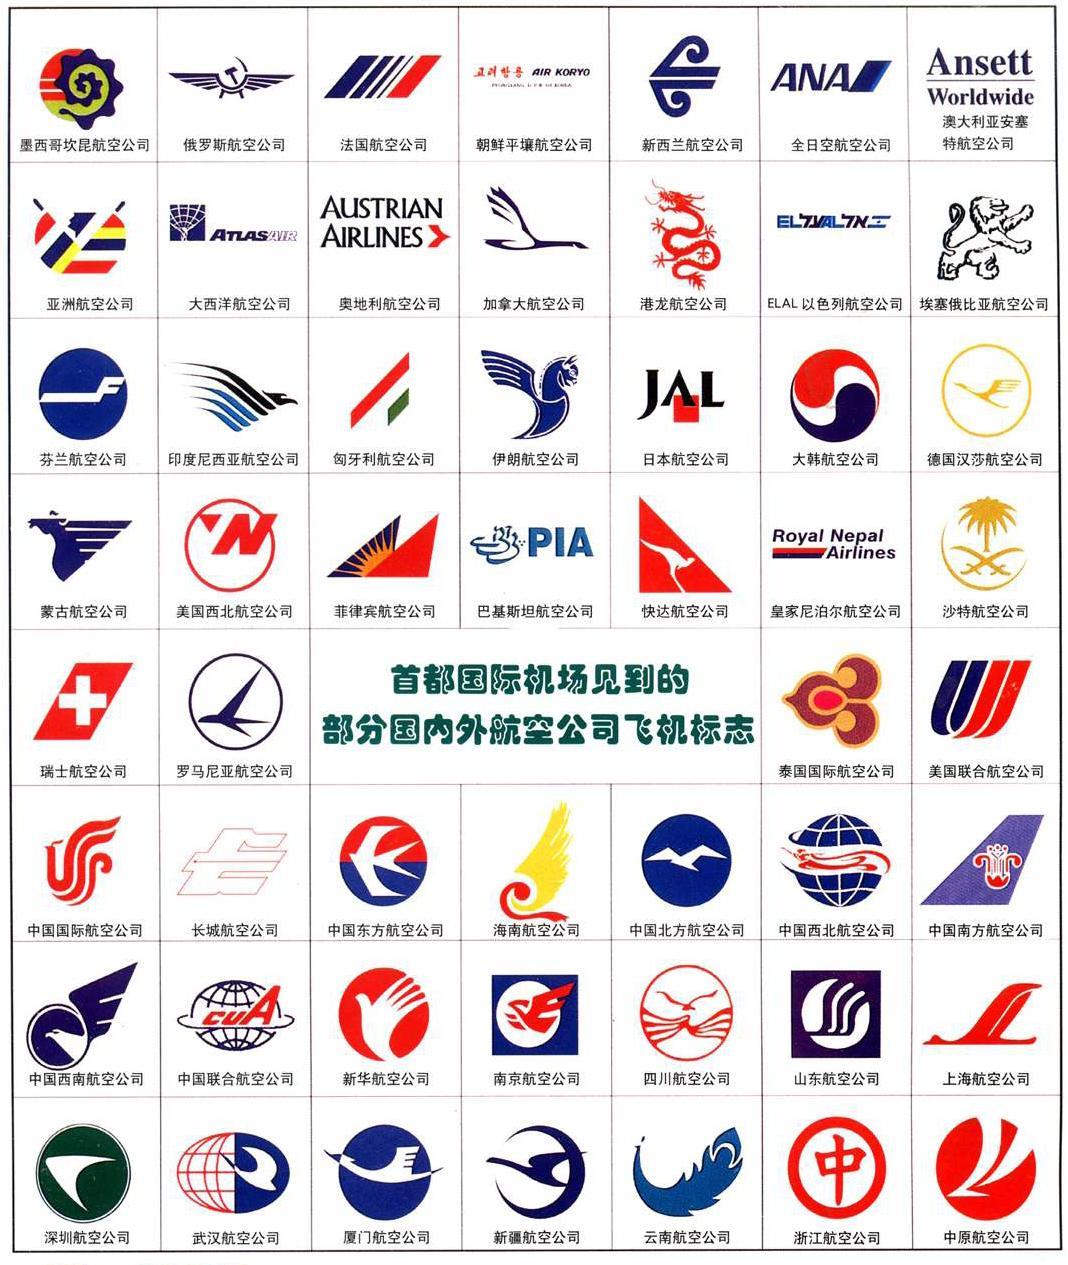 >>[资料][航空公司标志图]